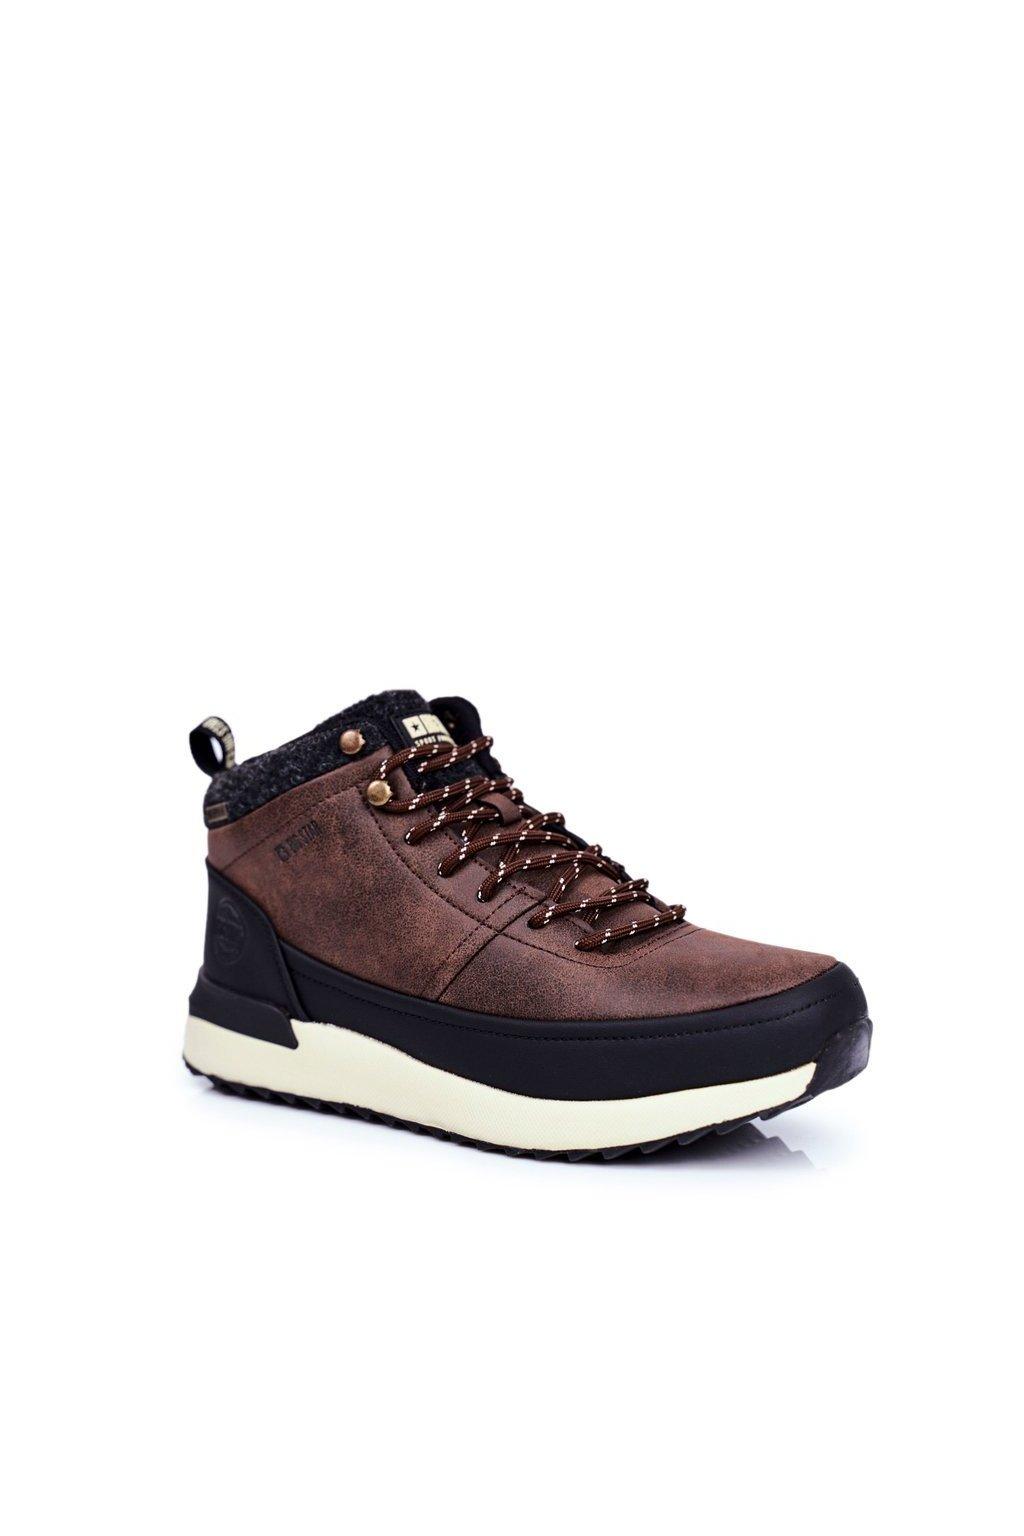 Pánske trekingové topánky farba hnedá kód obuvi GG174562 BROWN